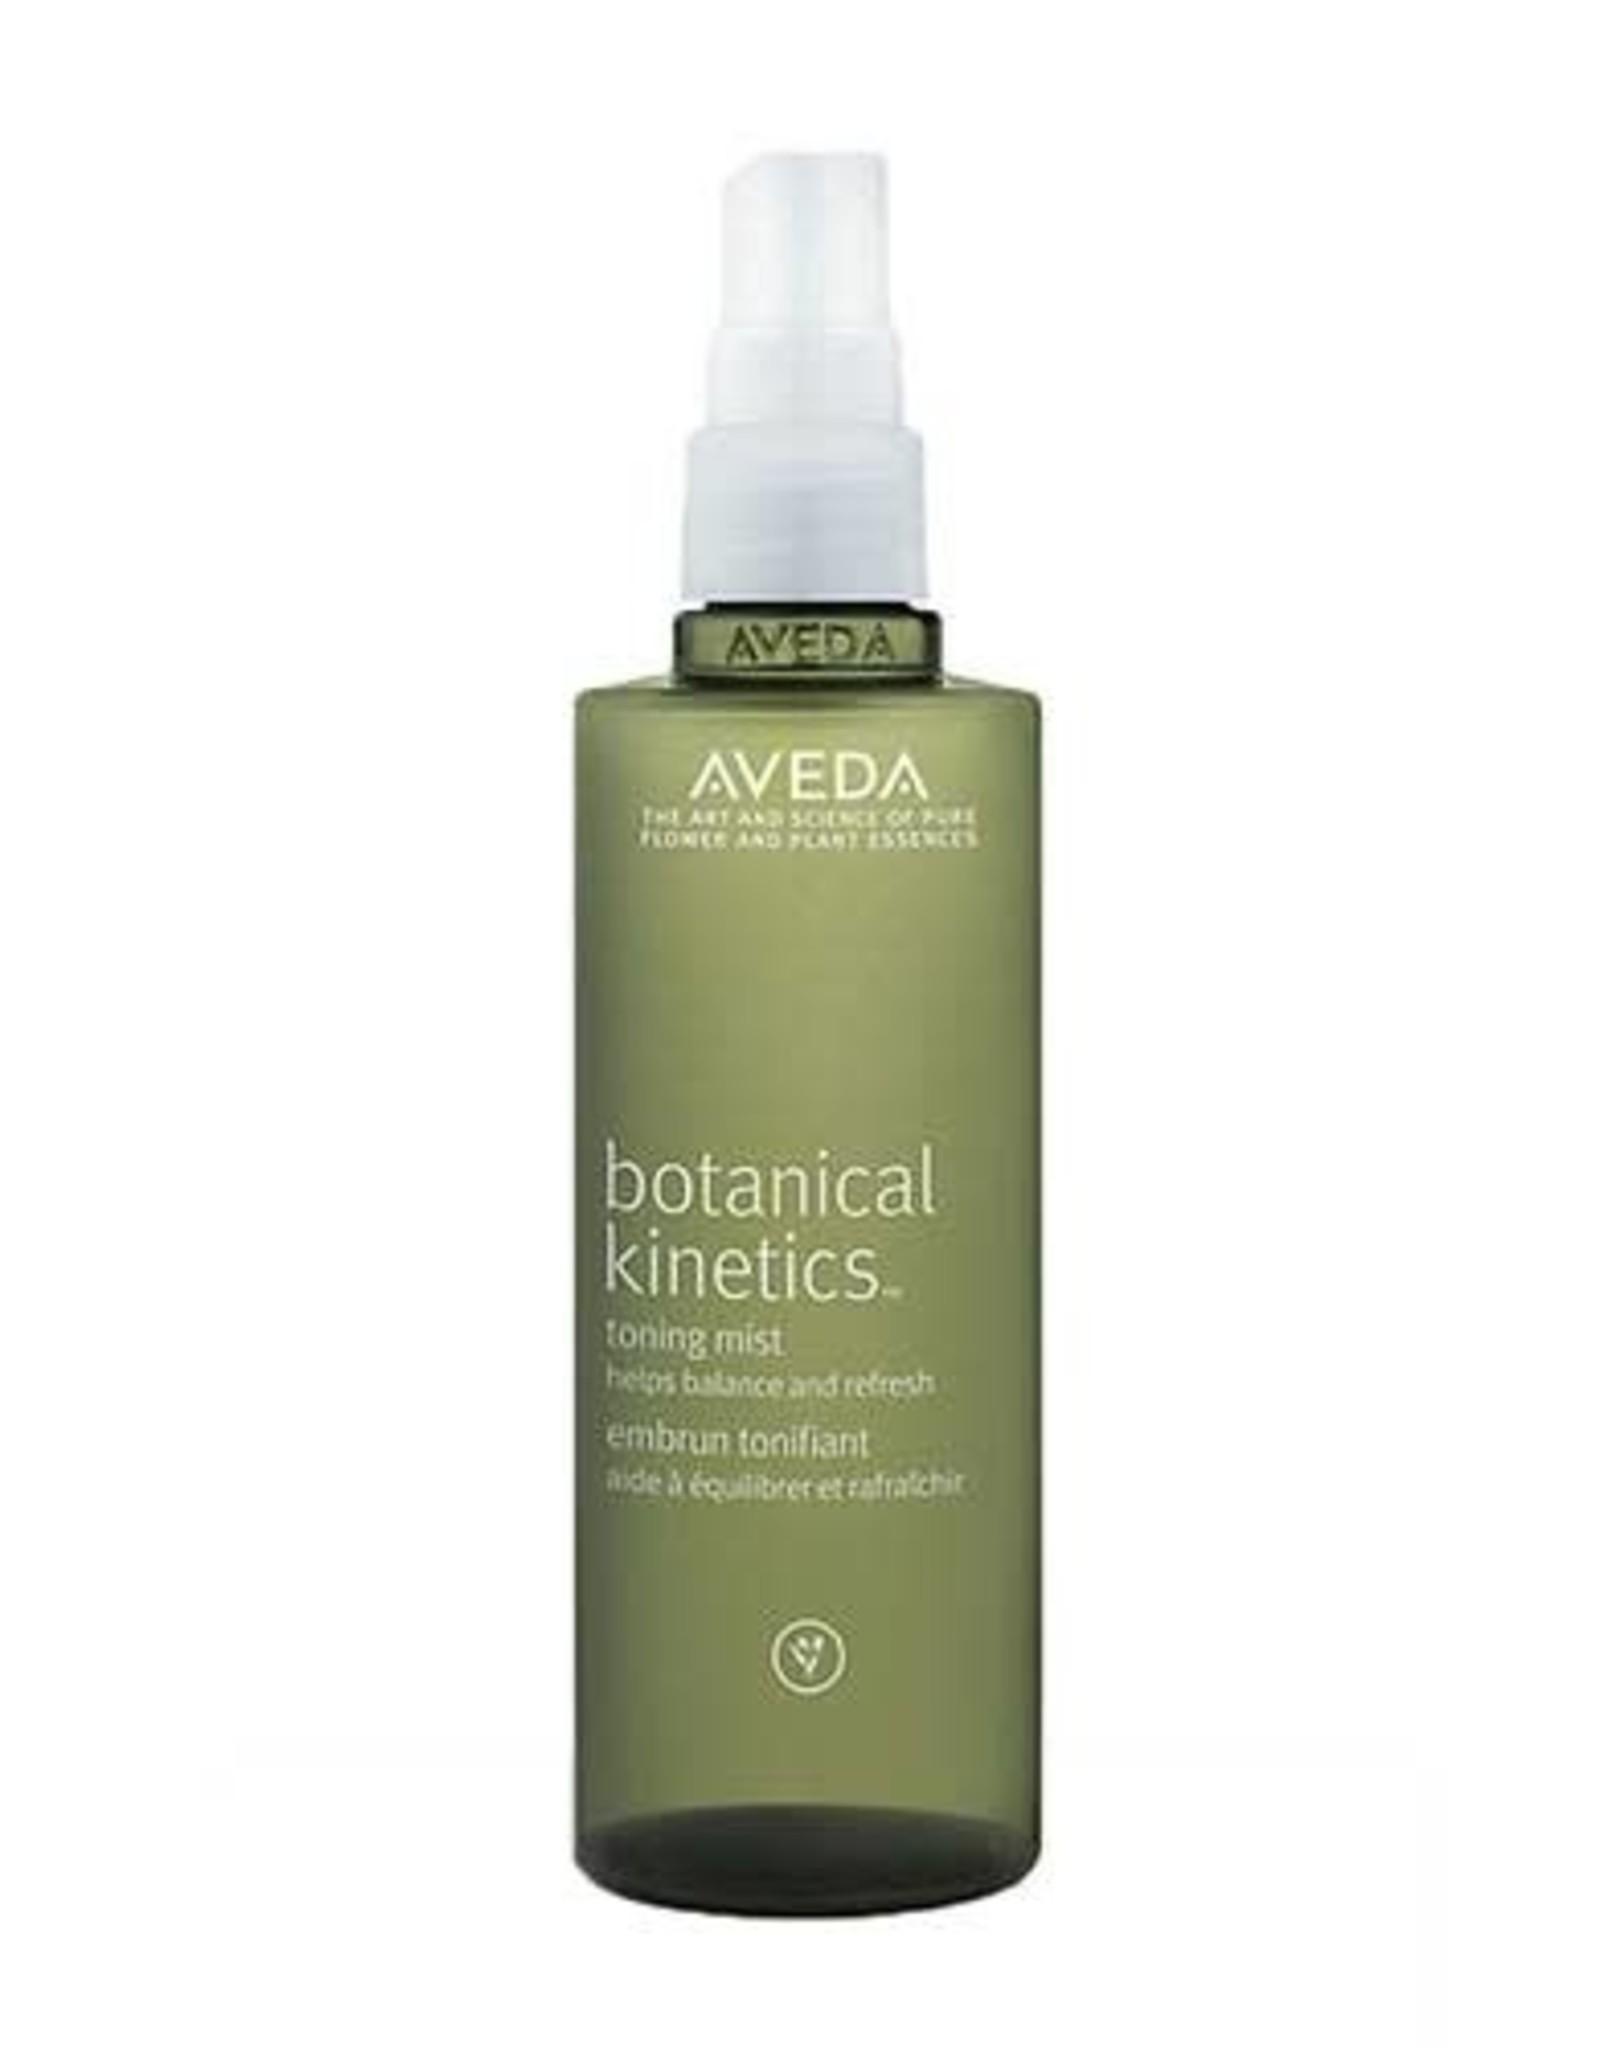 AVEDA Botanical Kinetics™ Toning Mist